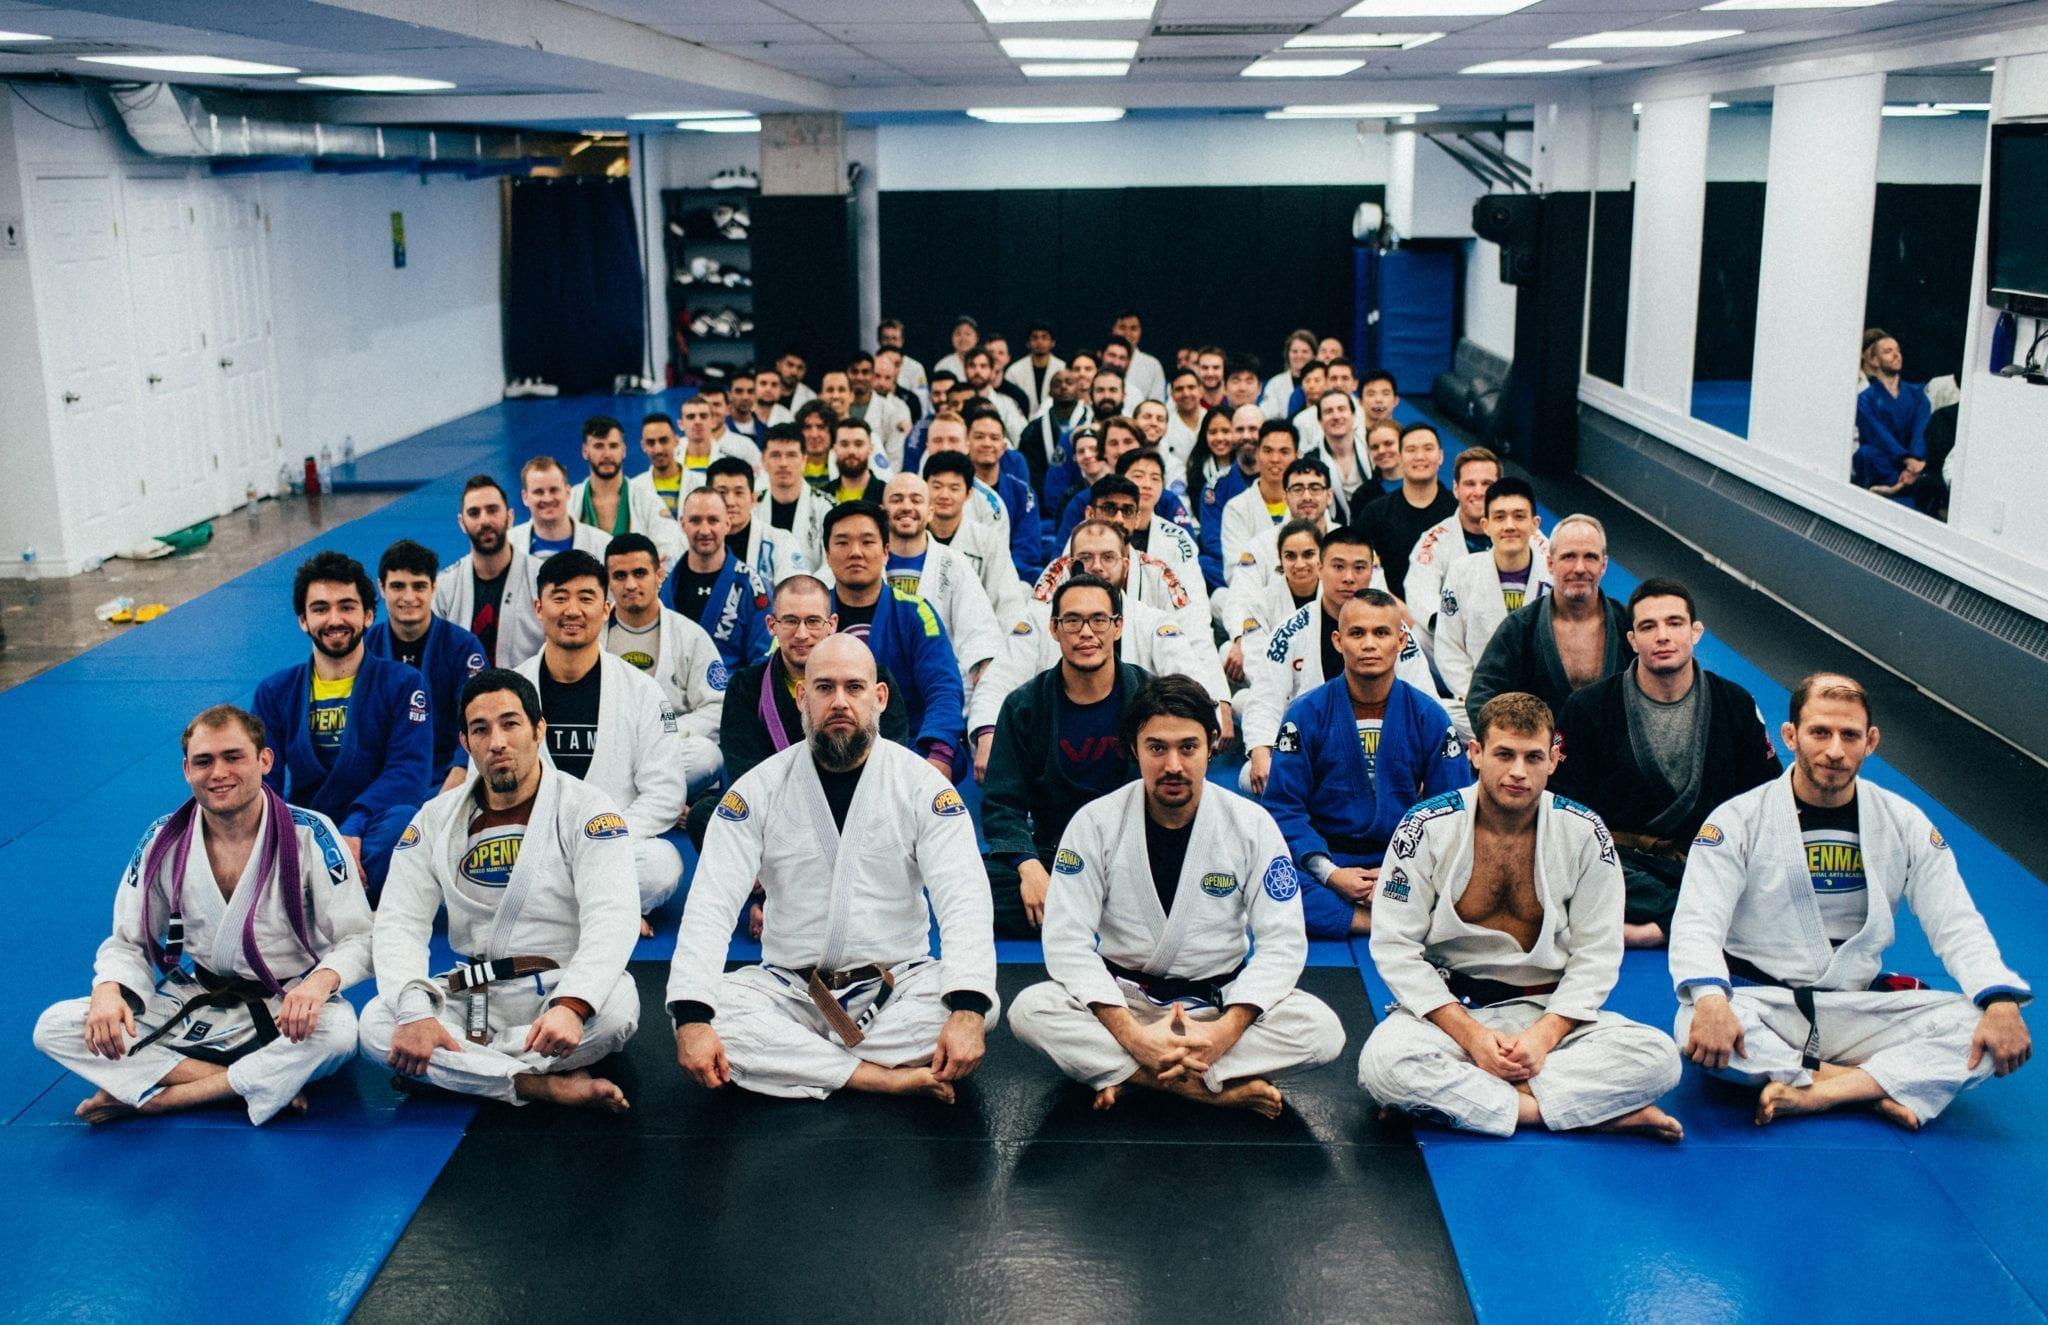 OpenMat Mixed Martial Arts | Martials Arts in Toronto